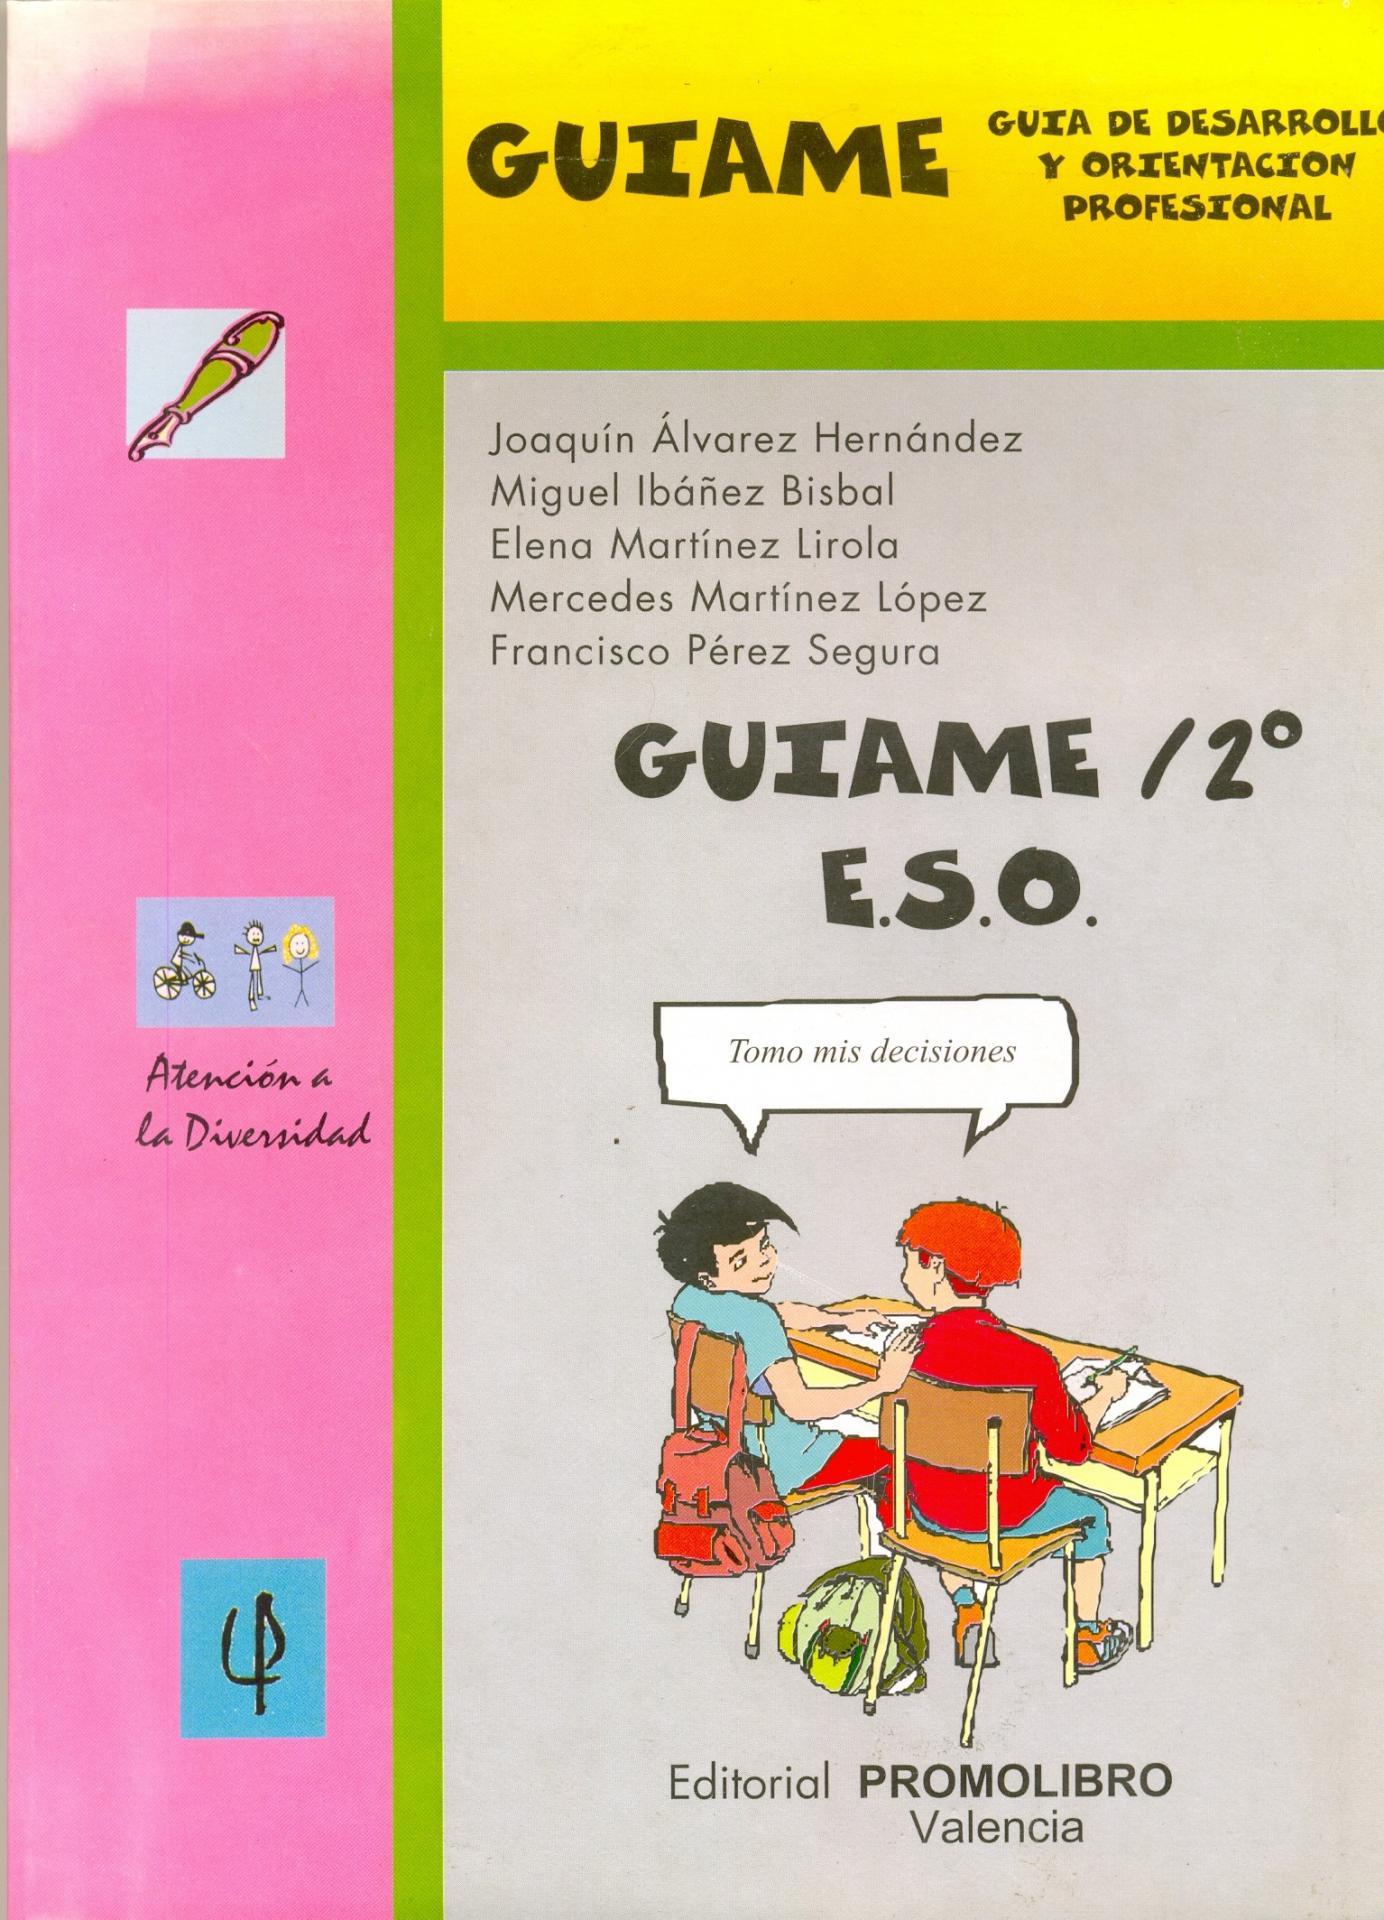 GUÍAME/ 2º. GUÍA DE DESARROLLO Y ORIENTACIÓN PROFESIONAL